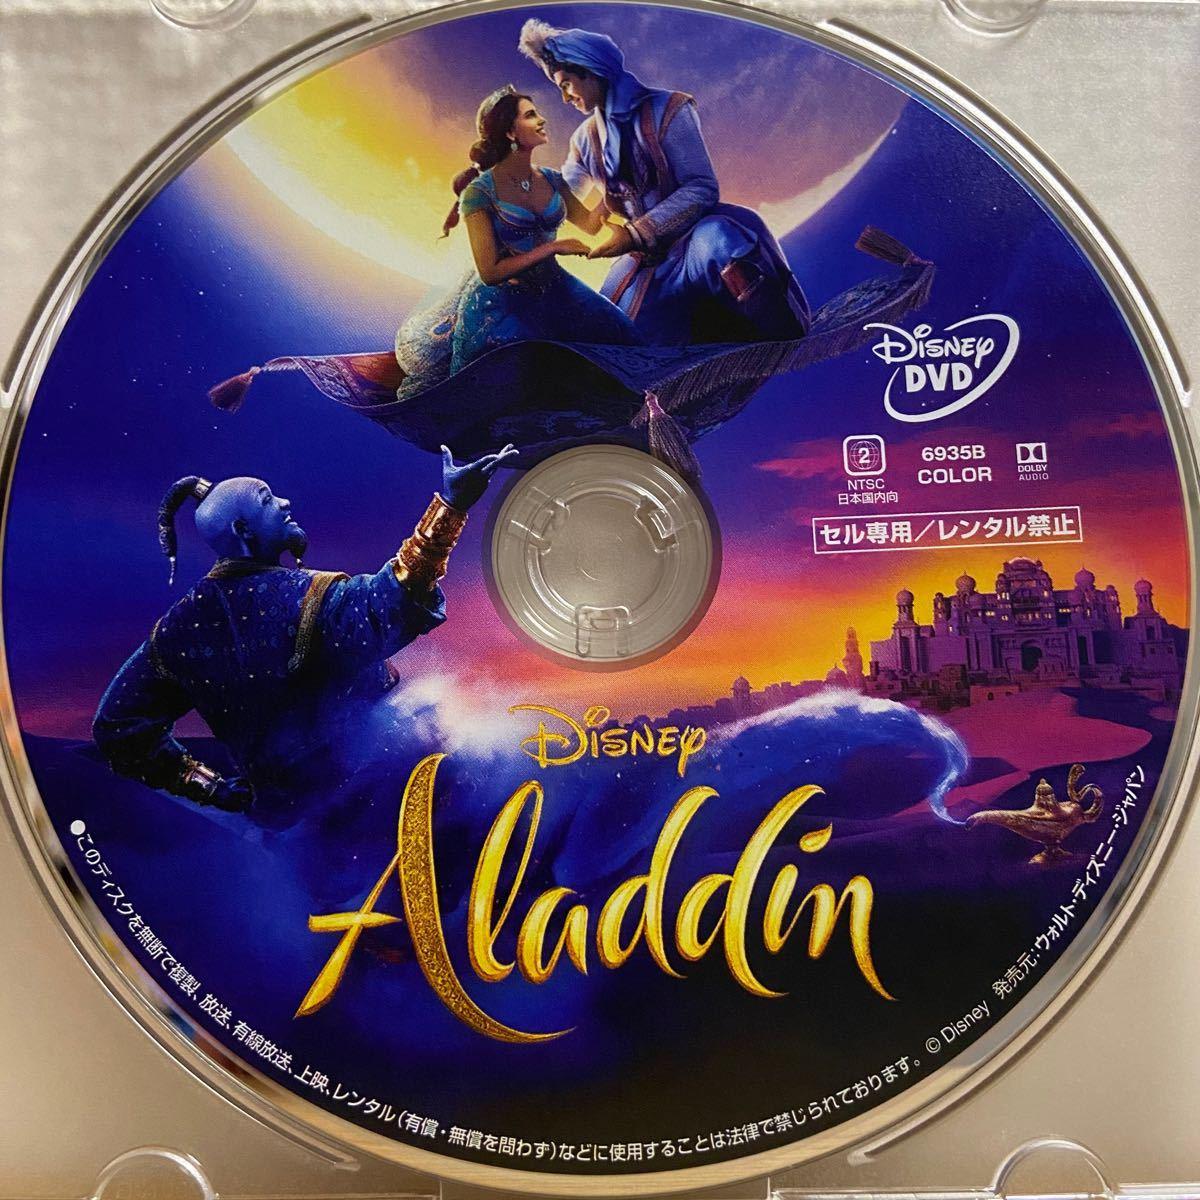 実写版 アラジン MovieNEX('19米) DVDのみ